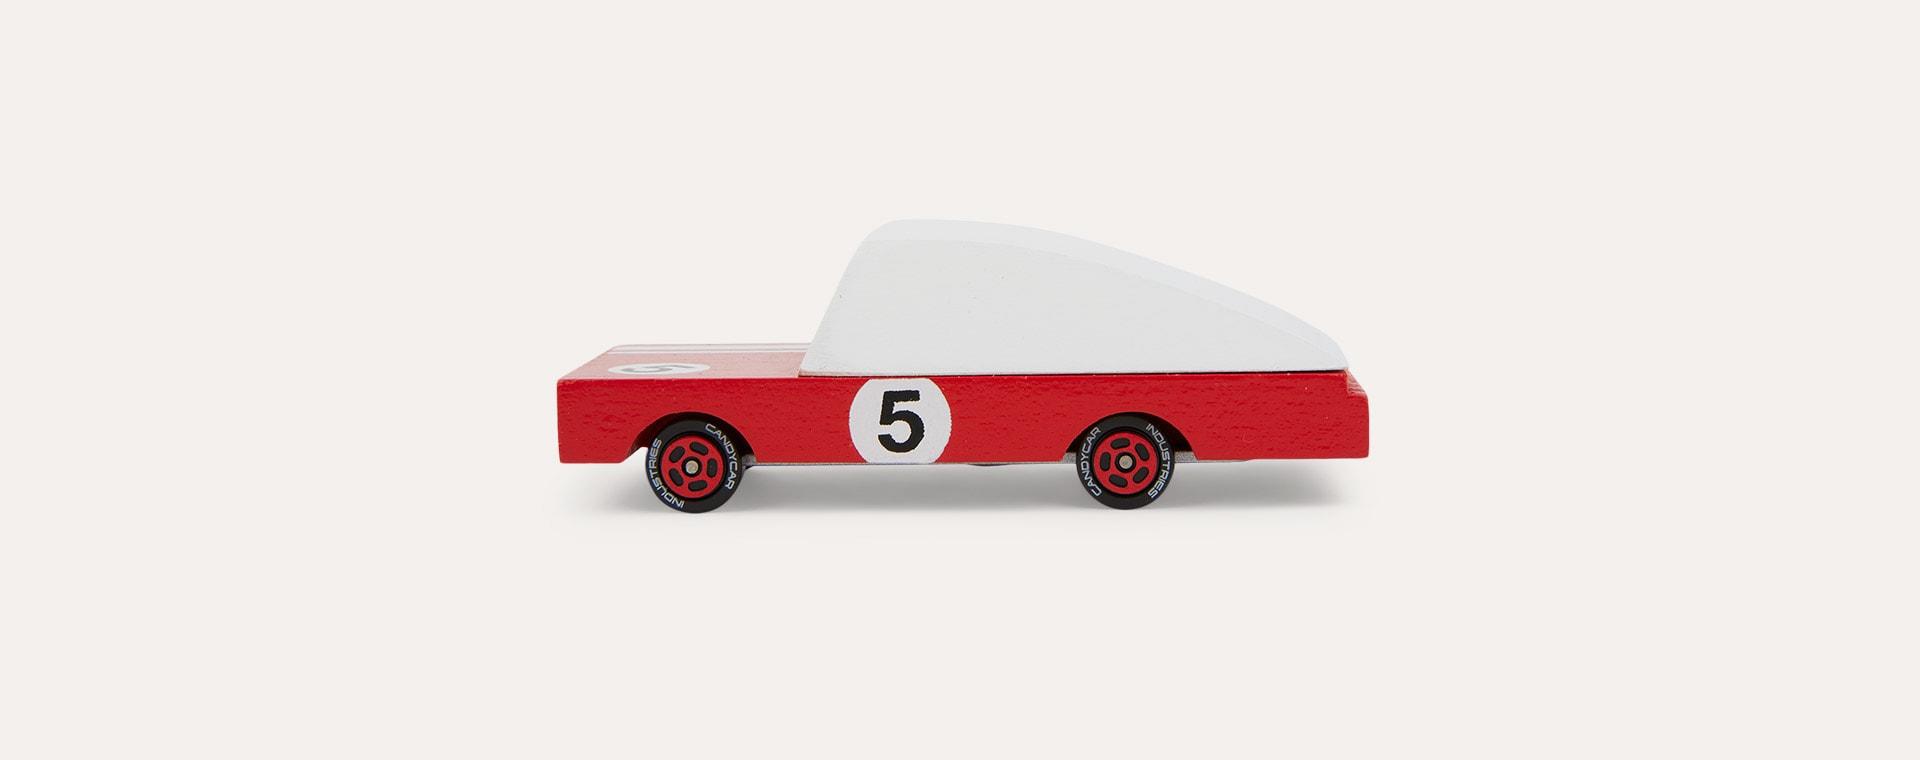 Red Candylab Red Racer Number 5